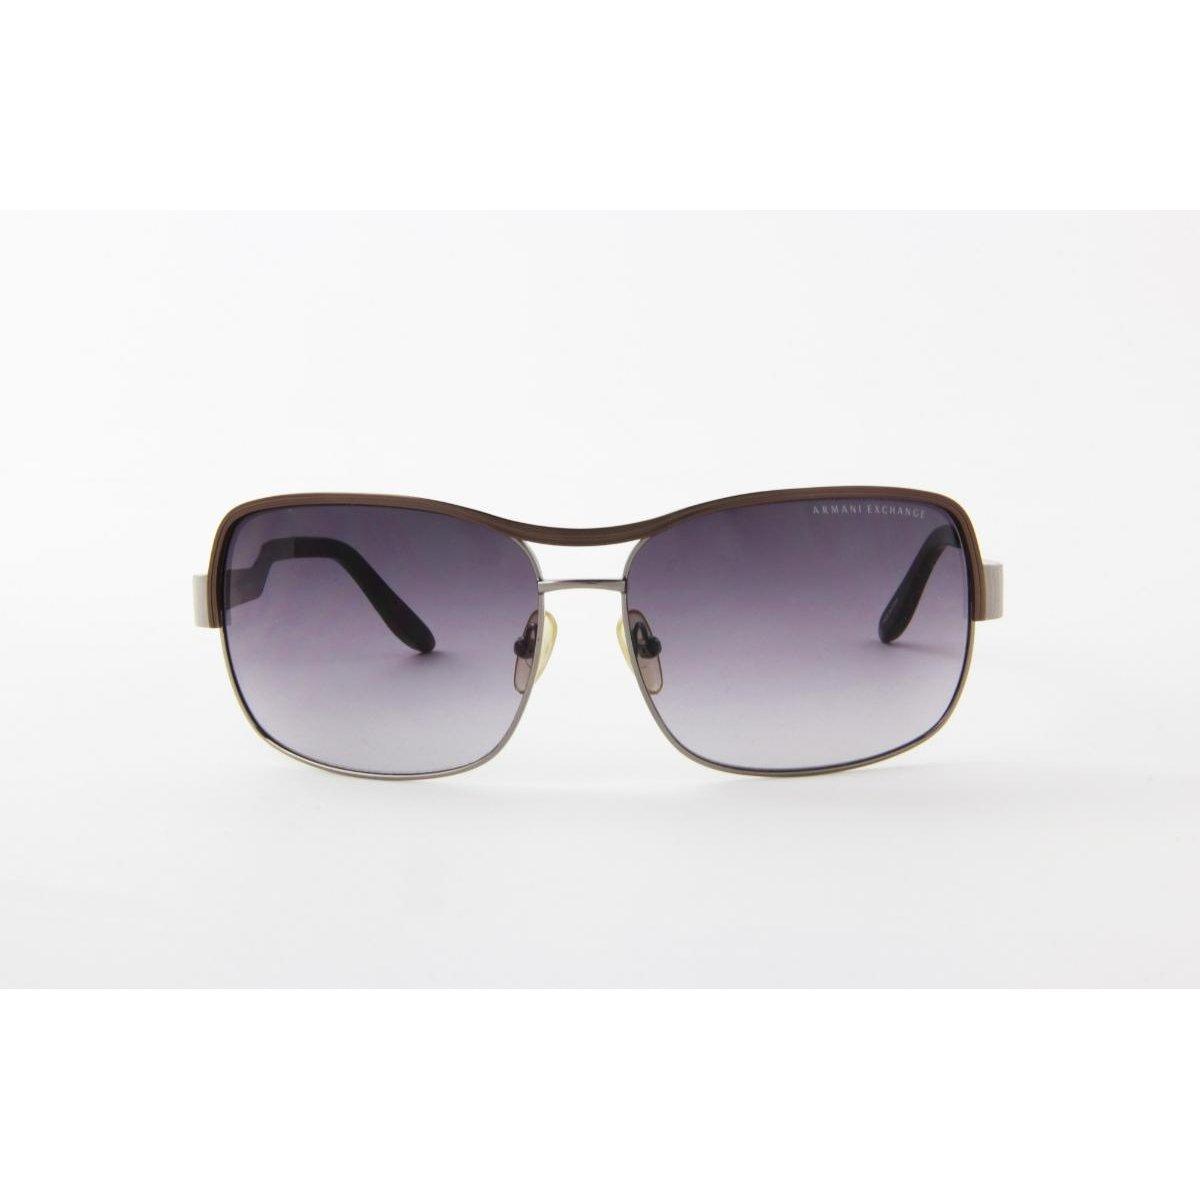 3bedc40355f Óculos de Sol Armani Exchange em Metal Lente Degradê - Compre Agora ...